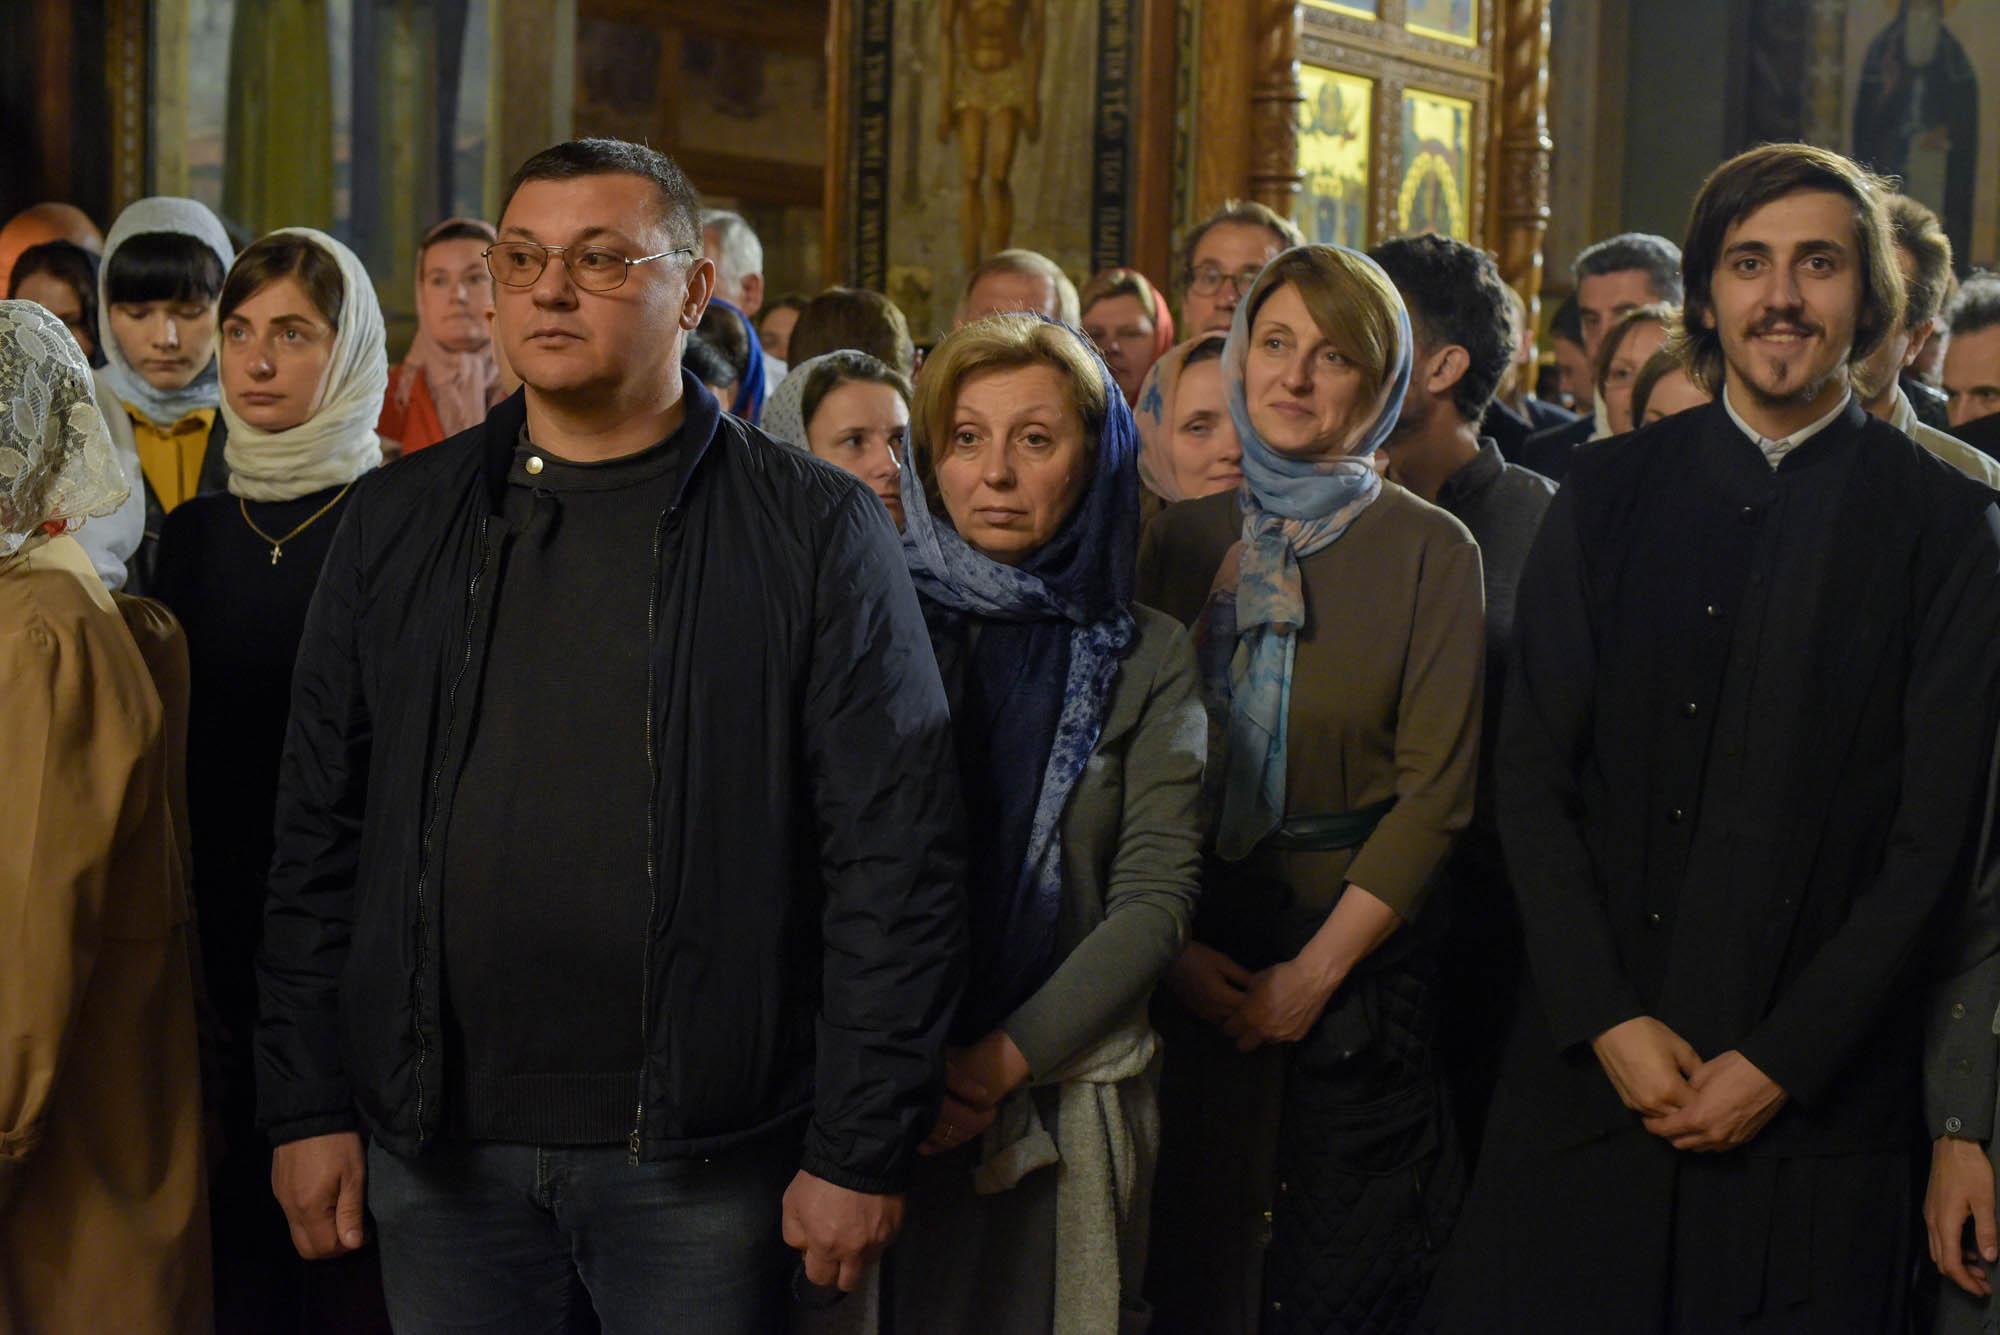 Orthodox photography Sergey Ryzhkov 9154